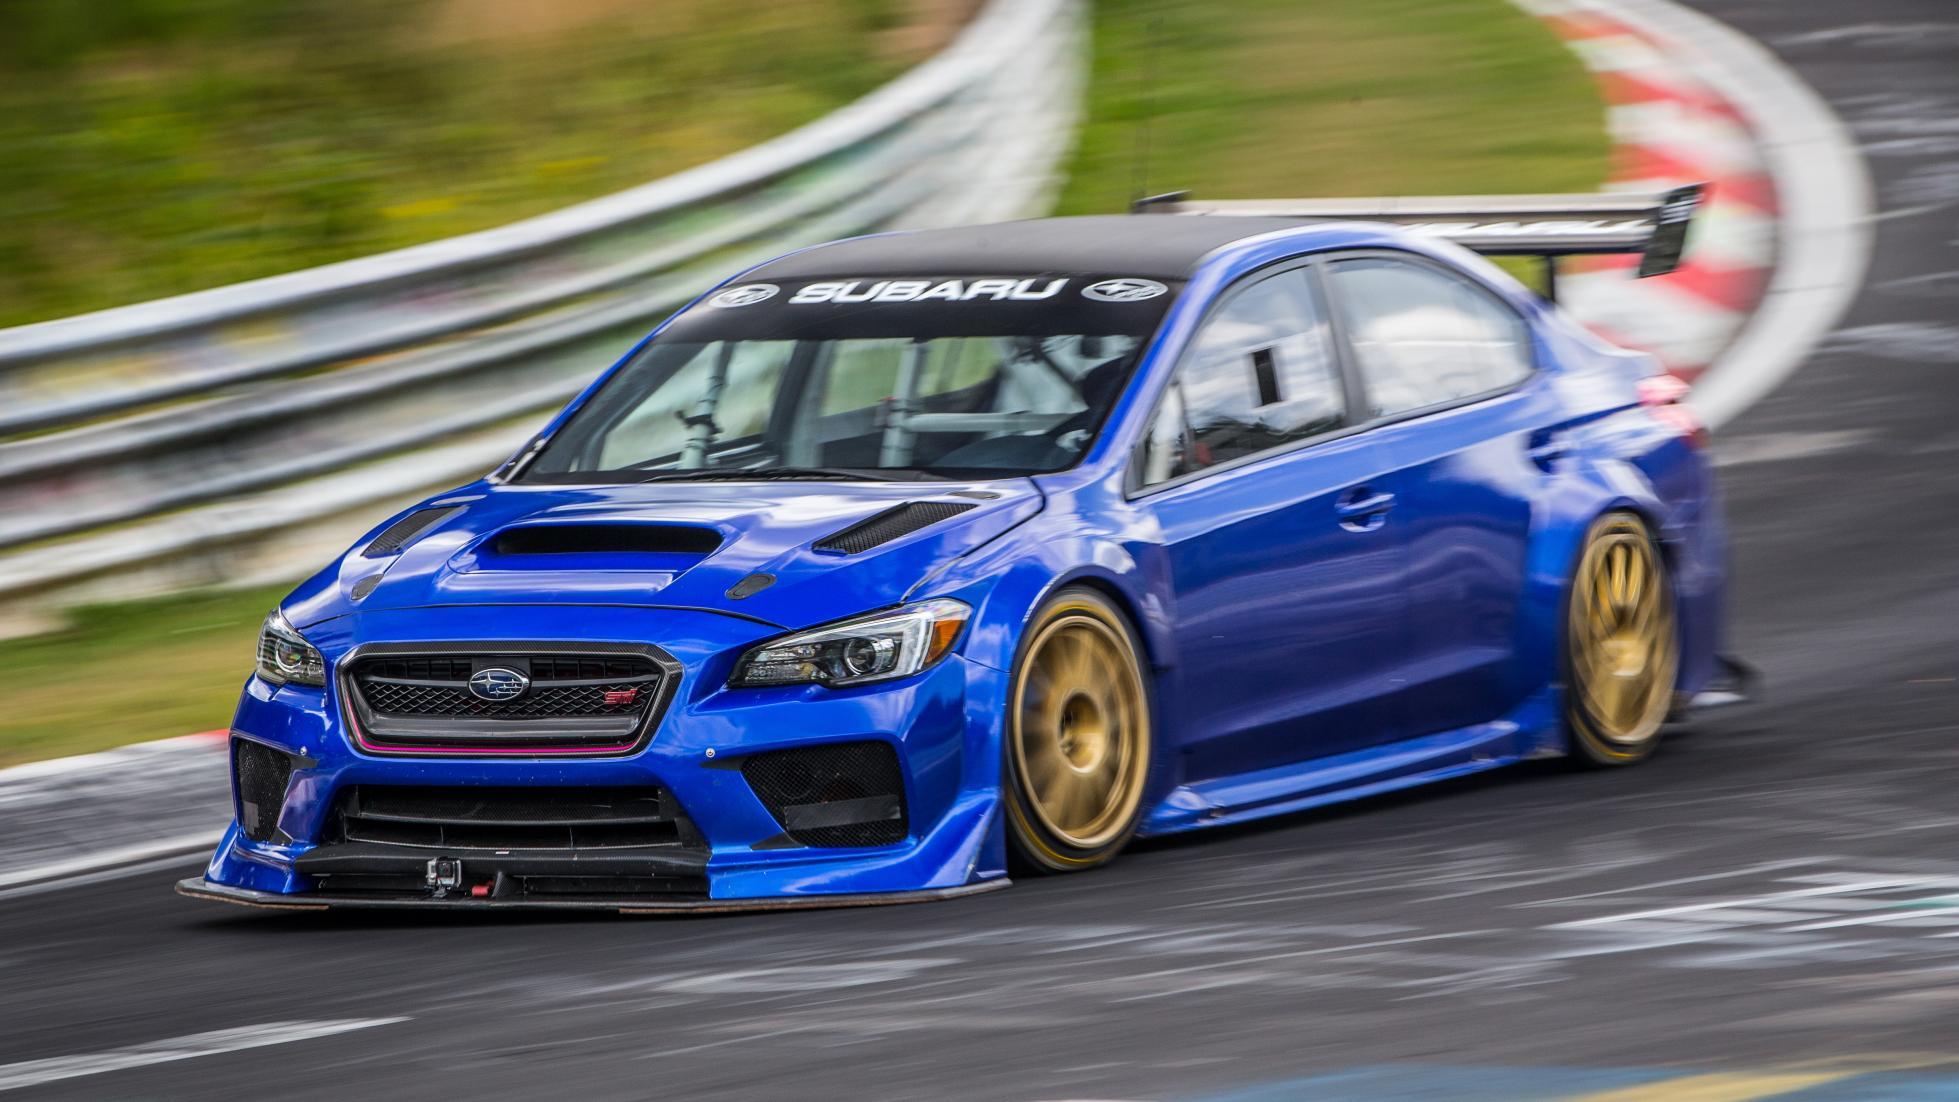 Subaru WRX STI, en Nürburgring